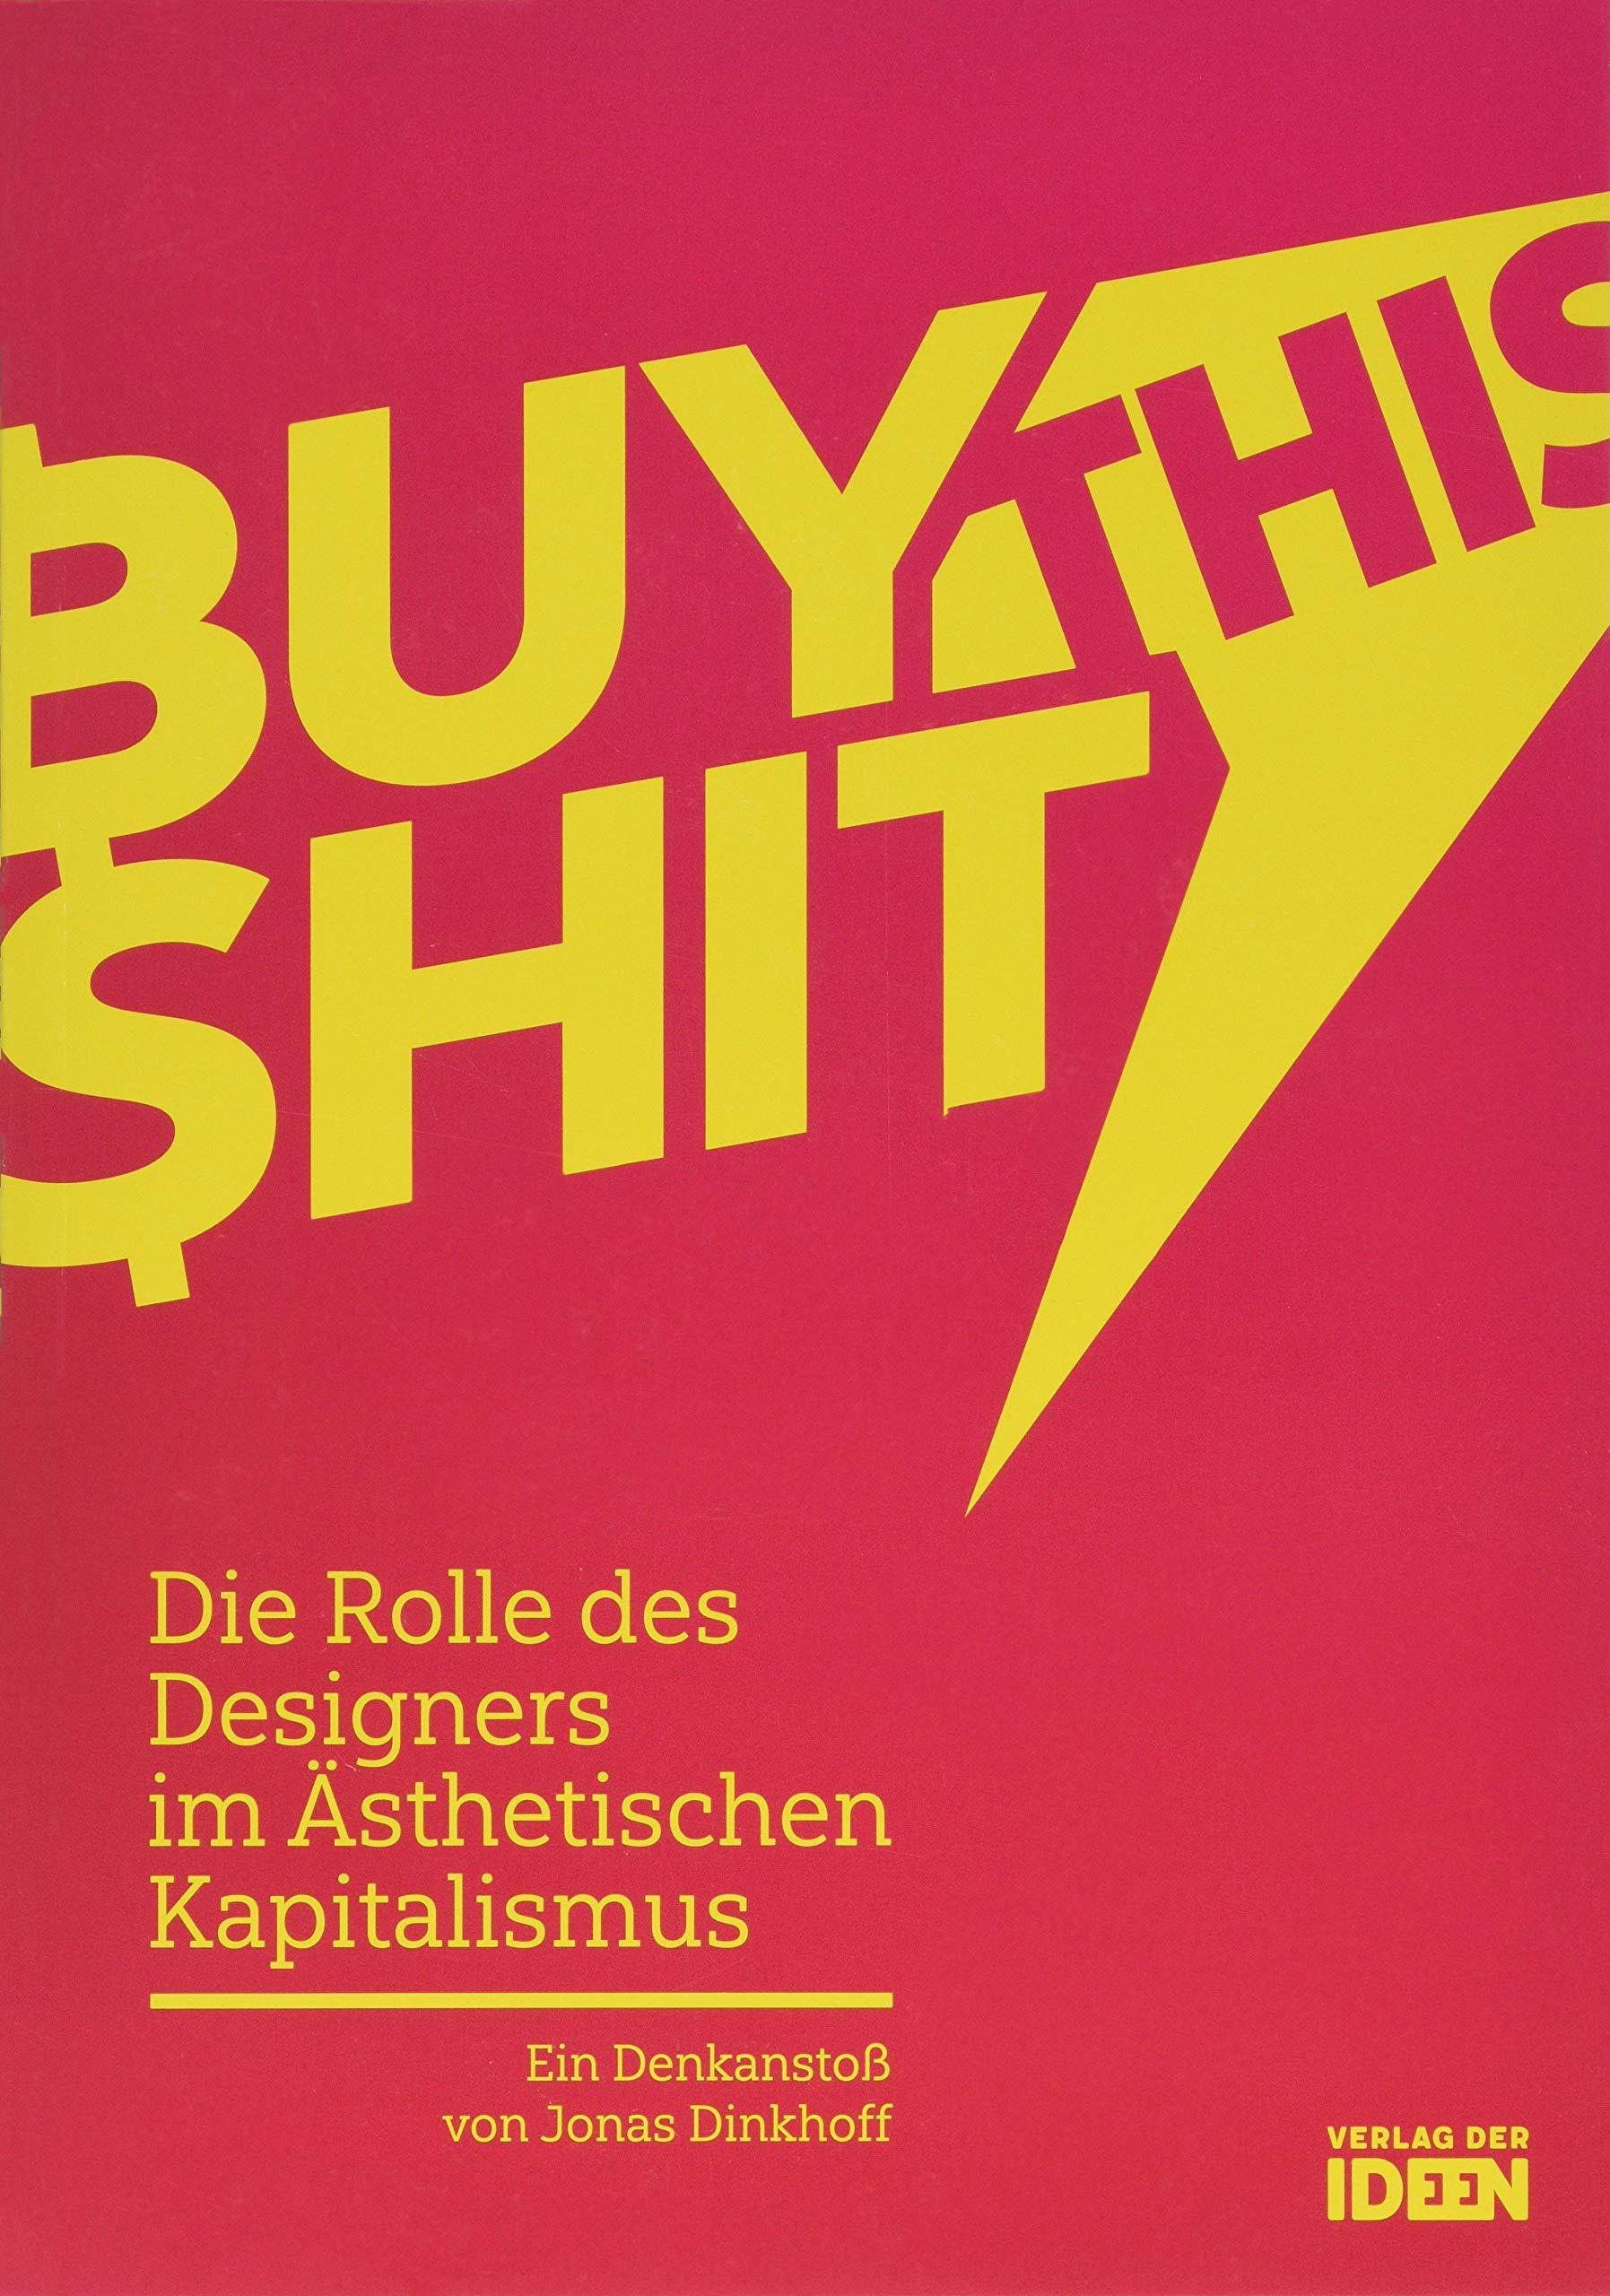 BUY THIS SHIT: Die Rolle des Designers im Ästhetischen Kapitalismus